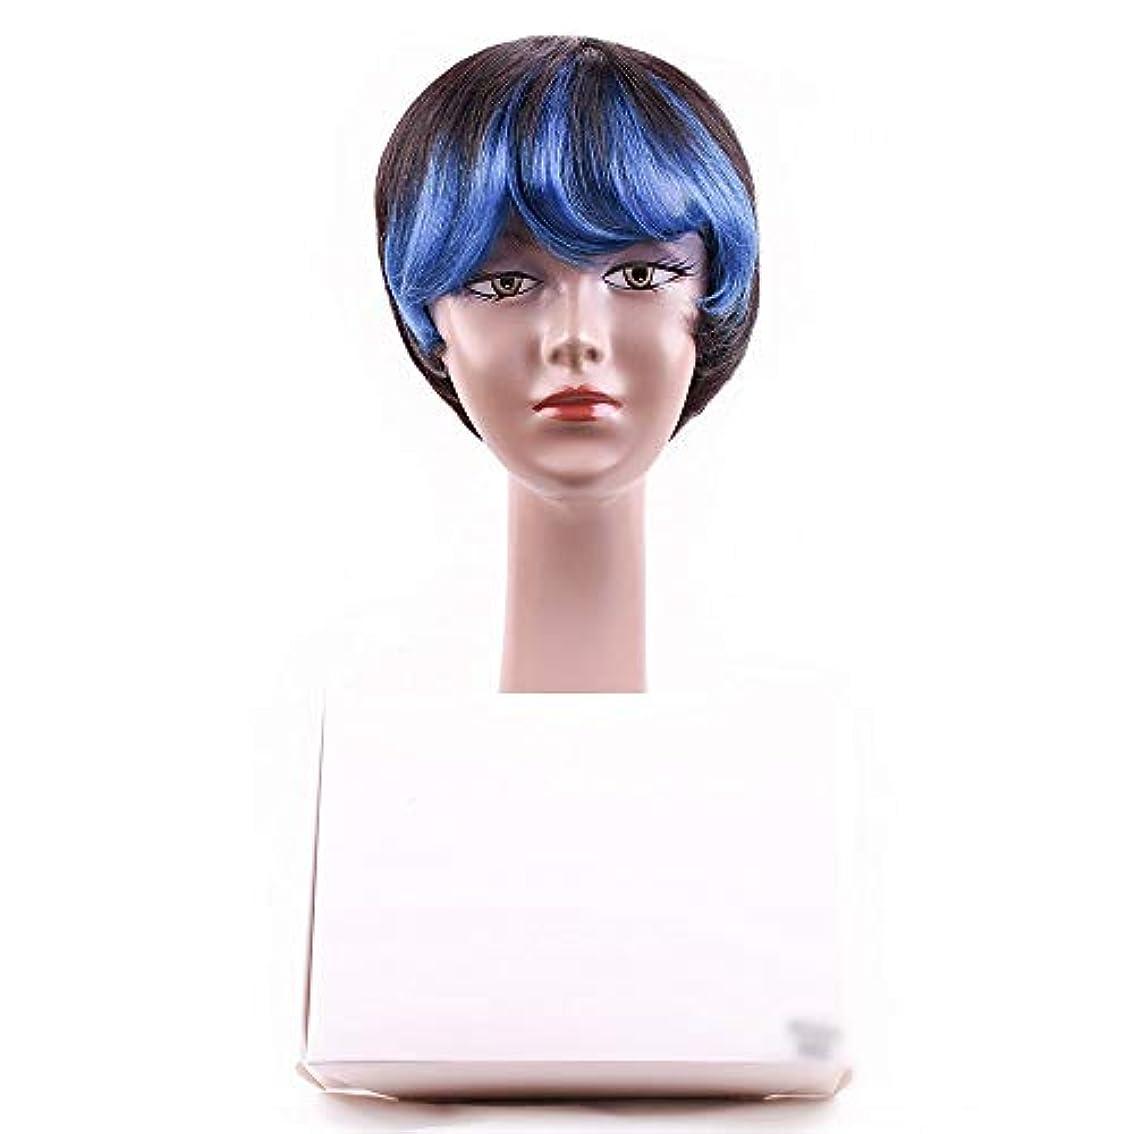 立場力強い自宅でYOUQIU 斜め前髪完全な頭部コスプレパーティーウィッグかつらと女性の人間の毛髪のショートボブウィッグ (色 : 青)